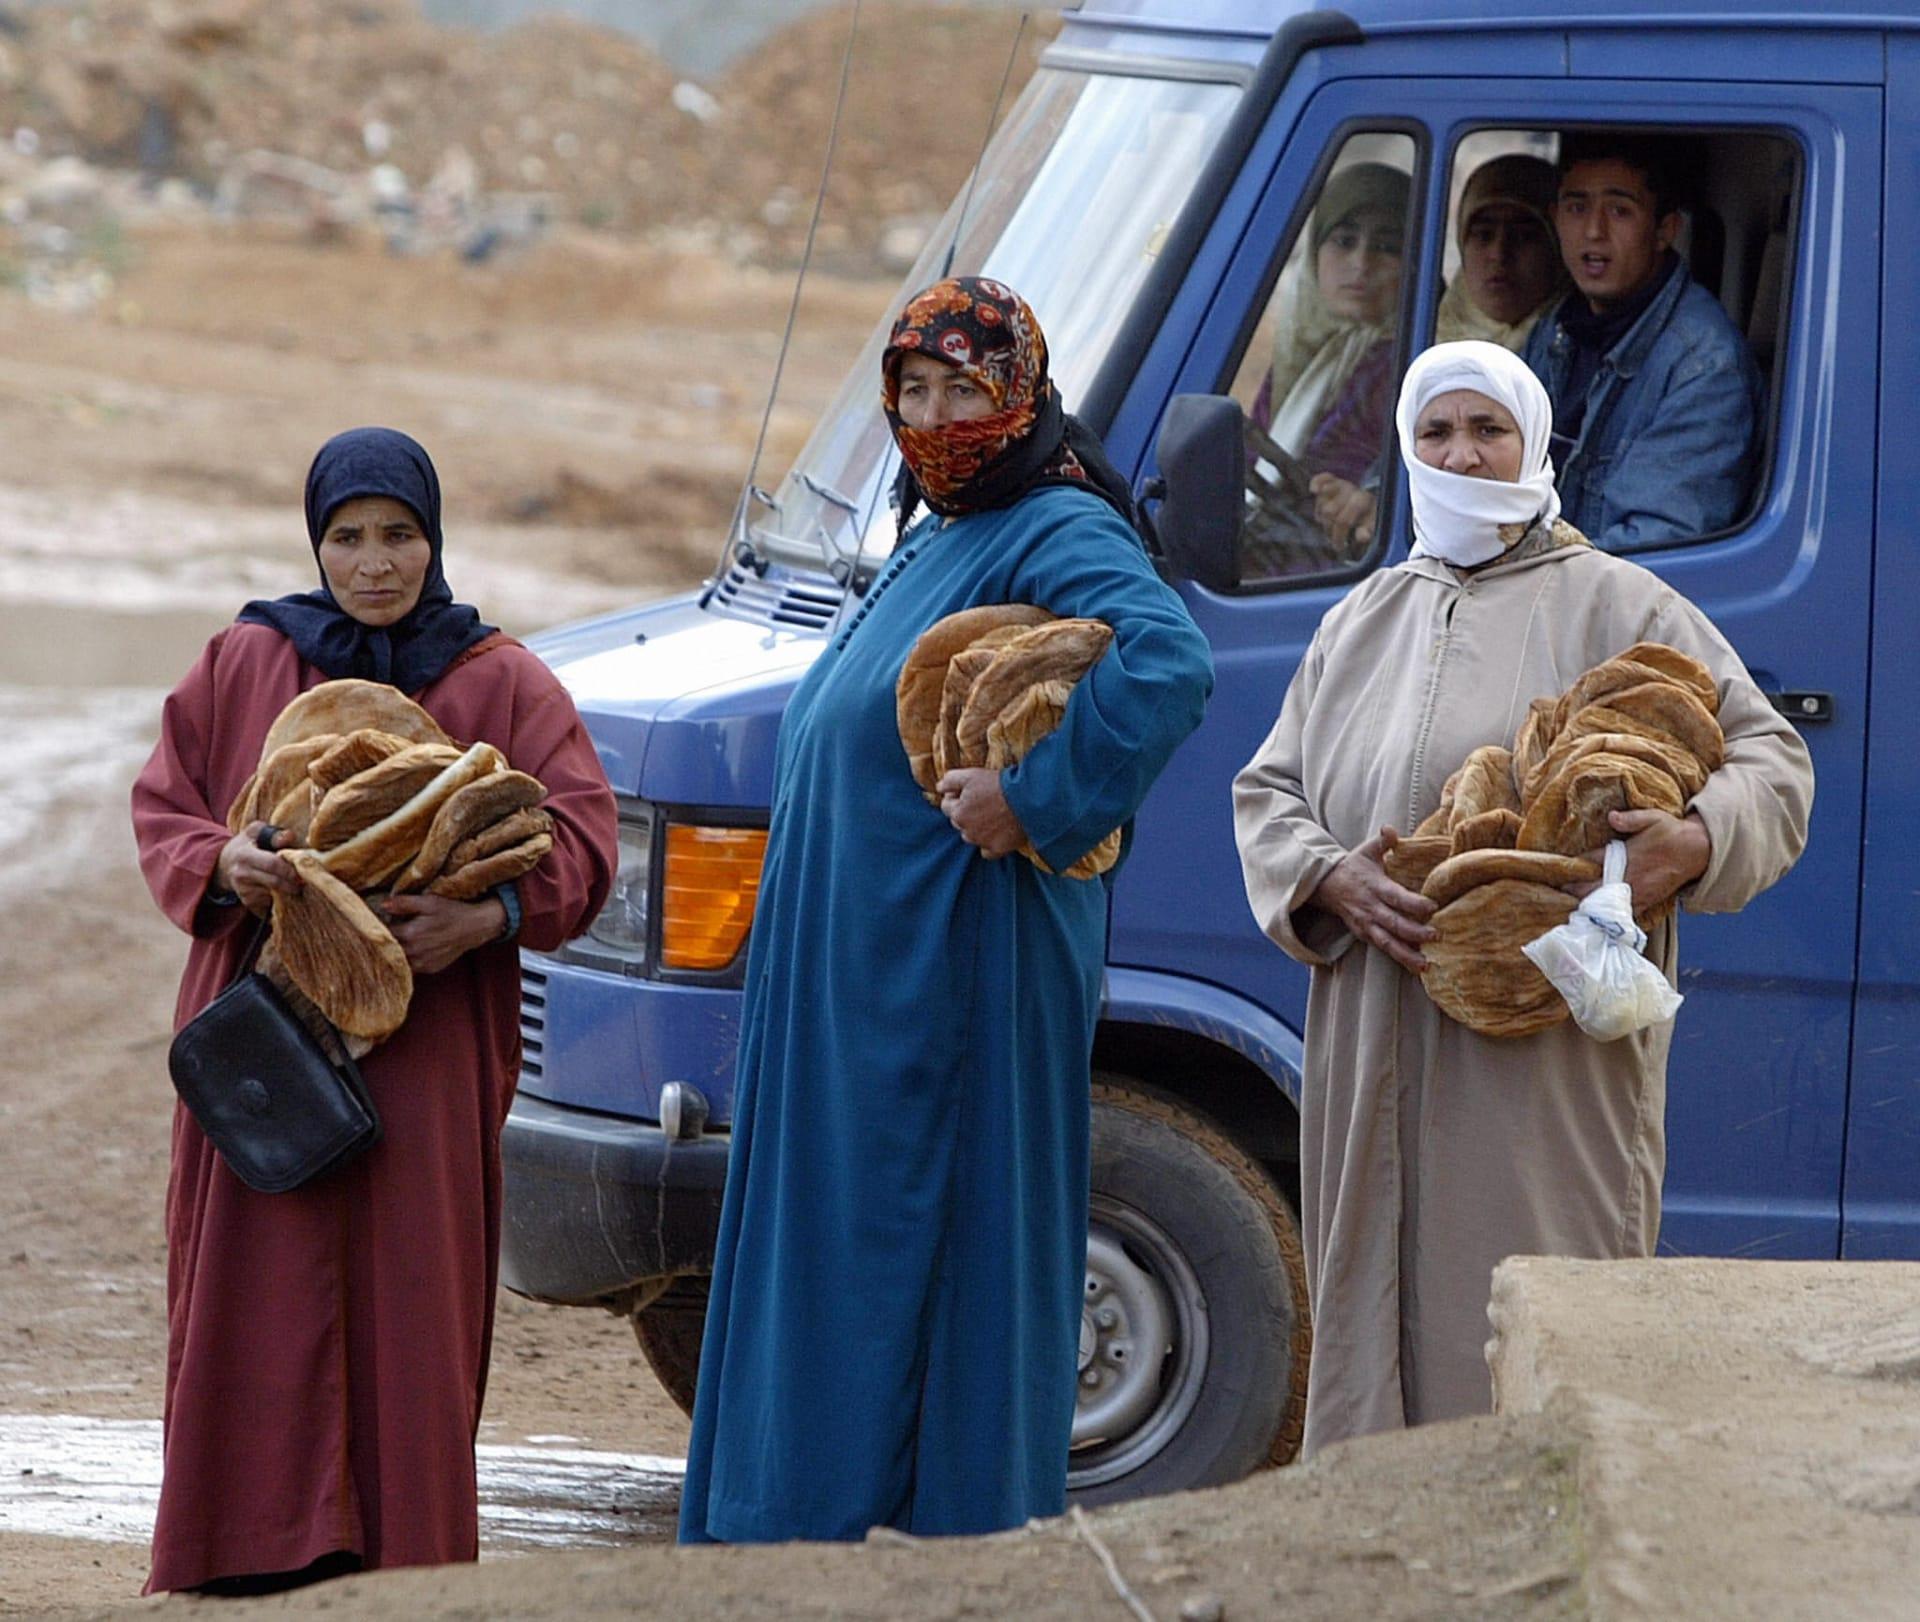 هزة أرضية تُجبر عددًا من سكان مدينة الحسيمة في المغرب على إخلاء منازلهم وتعيد ذكرى رعب 2004